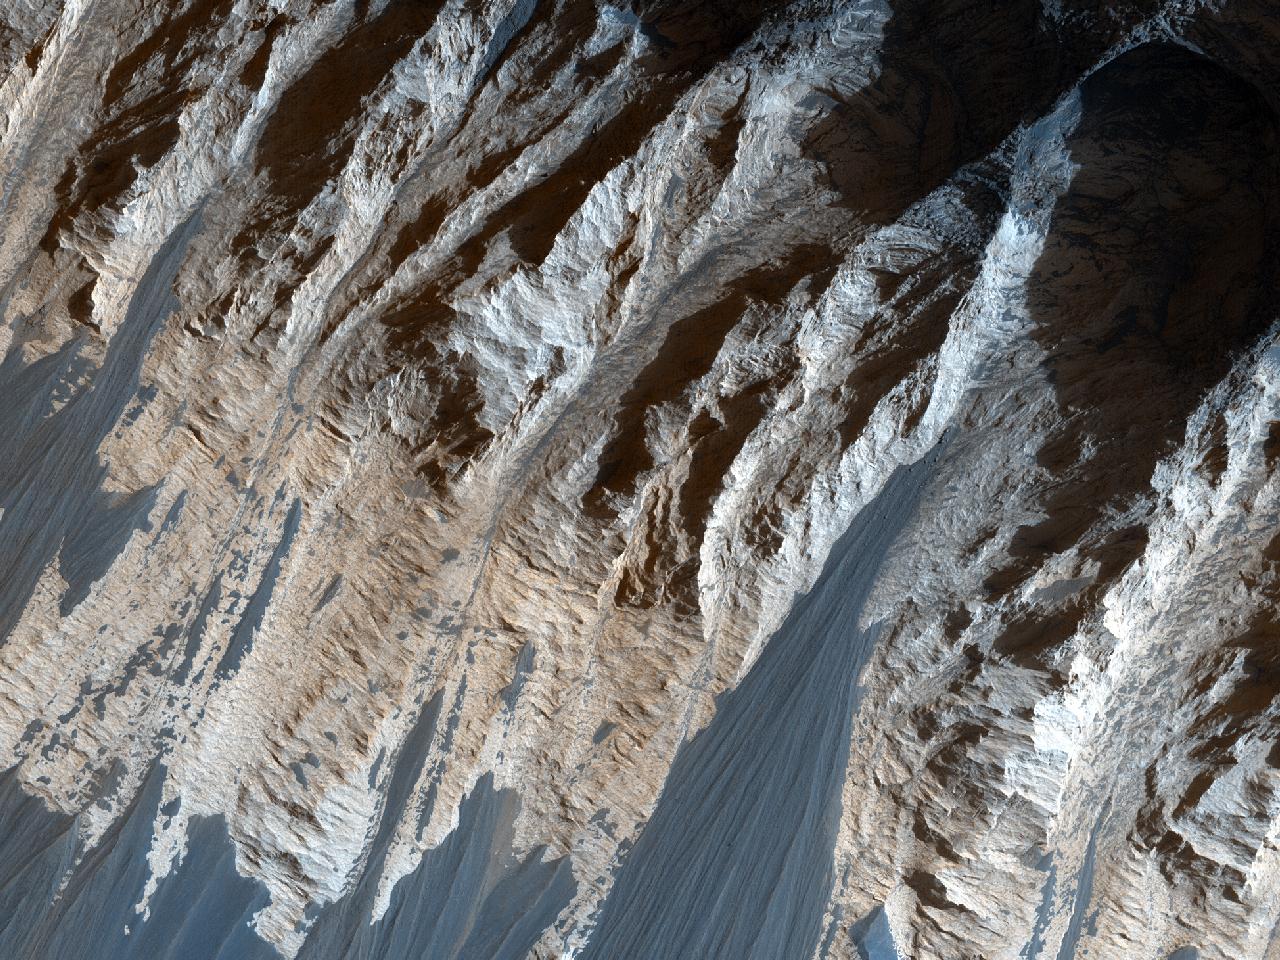 Lapsus massarum in Valle Marineris